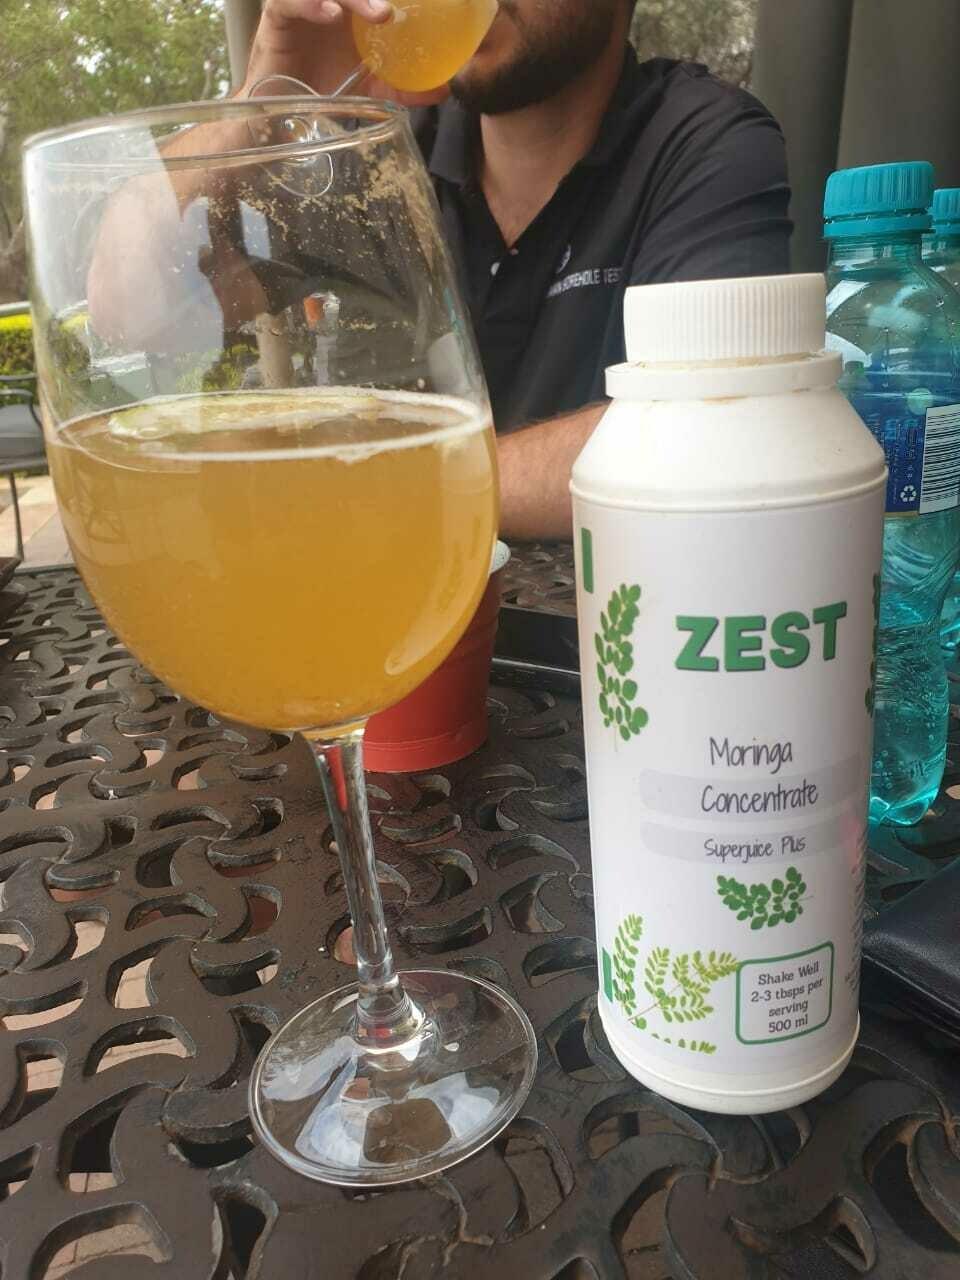 01.Zest Super Juice Moringa Concentrate